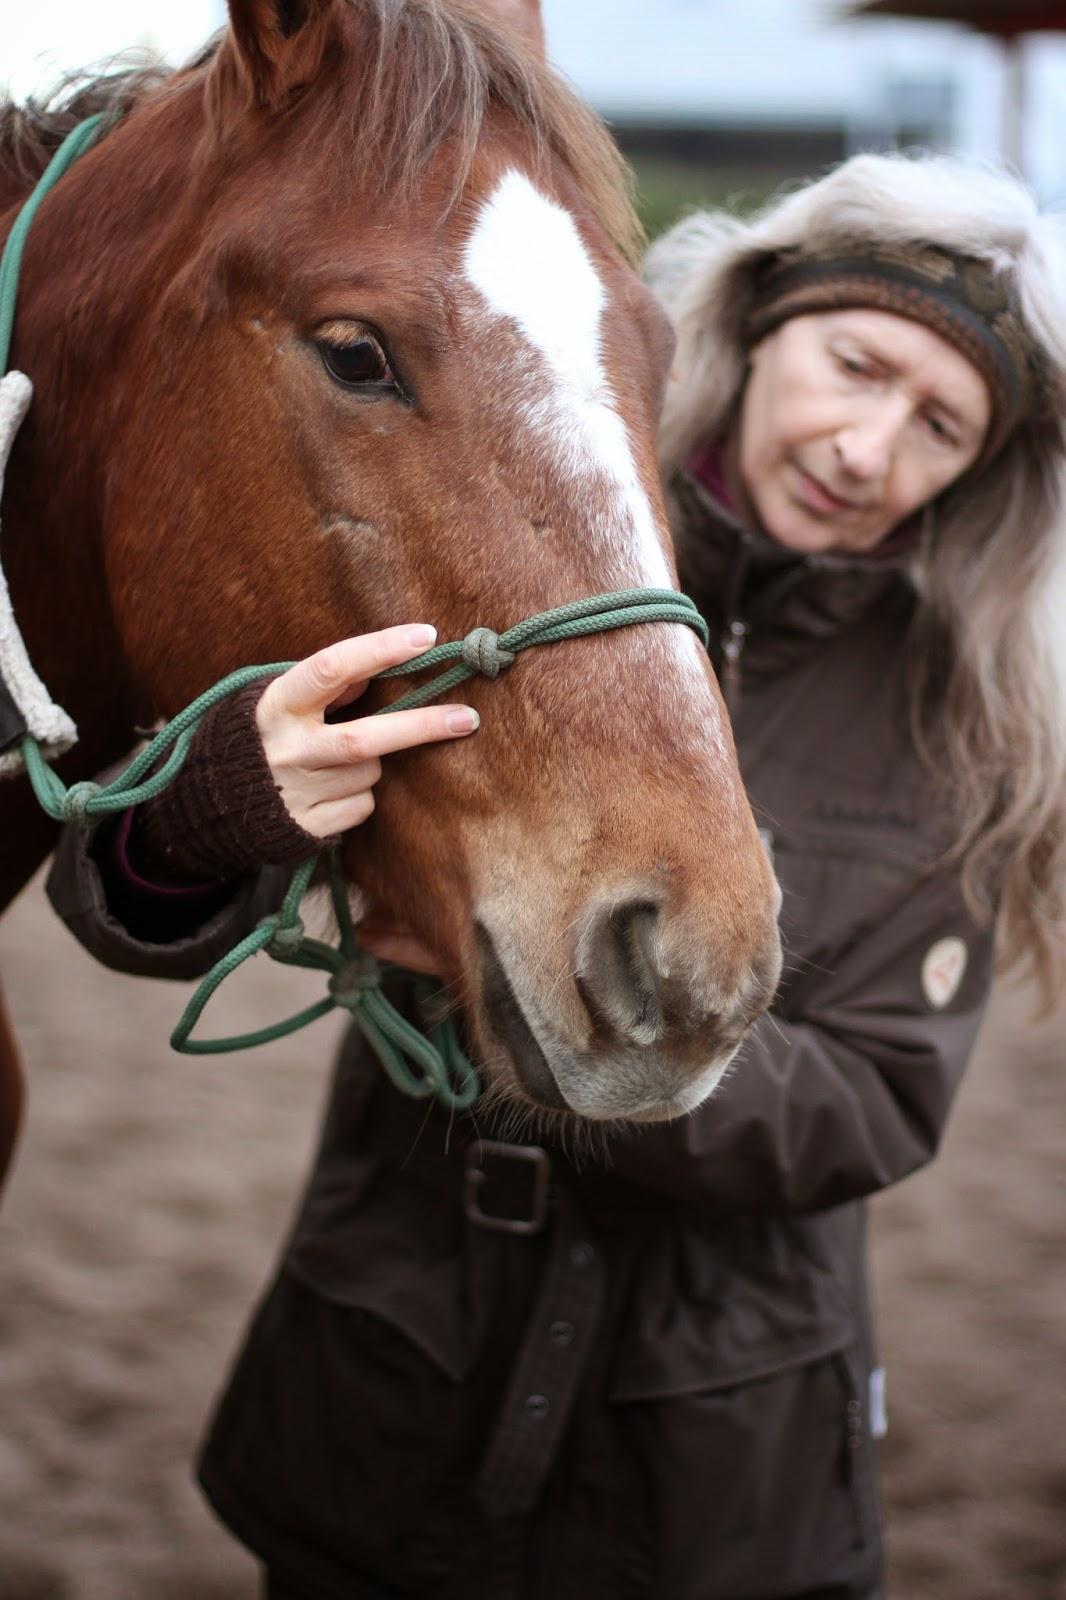 Pferde Blog: Wie sitzt das Knotenhalfter richtig? Wie wird